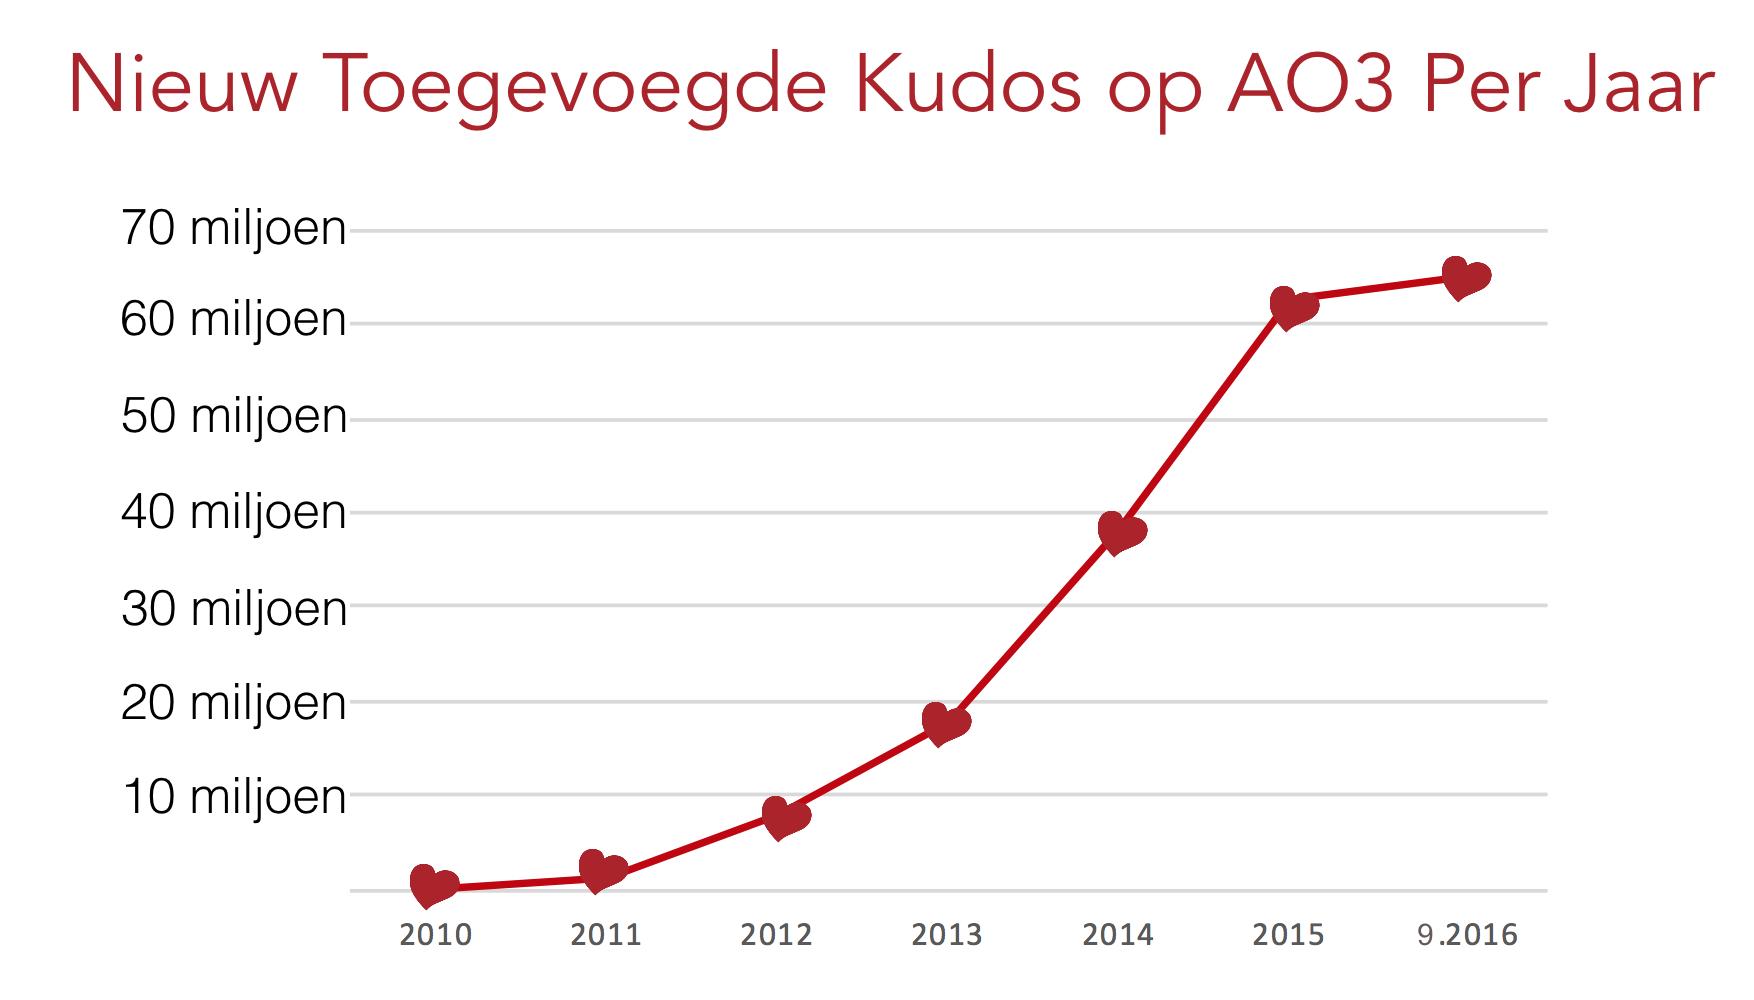 Kudos groei grafiek op AO3, van nul in 2010 tot meer dan 60 miljoen sinds september 2016